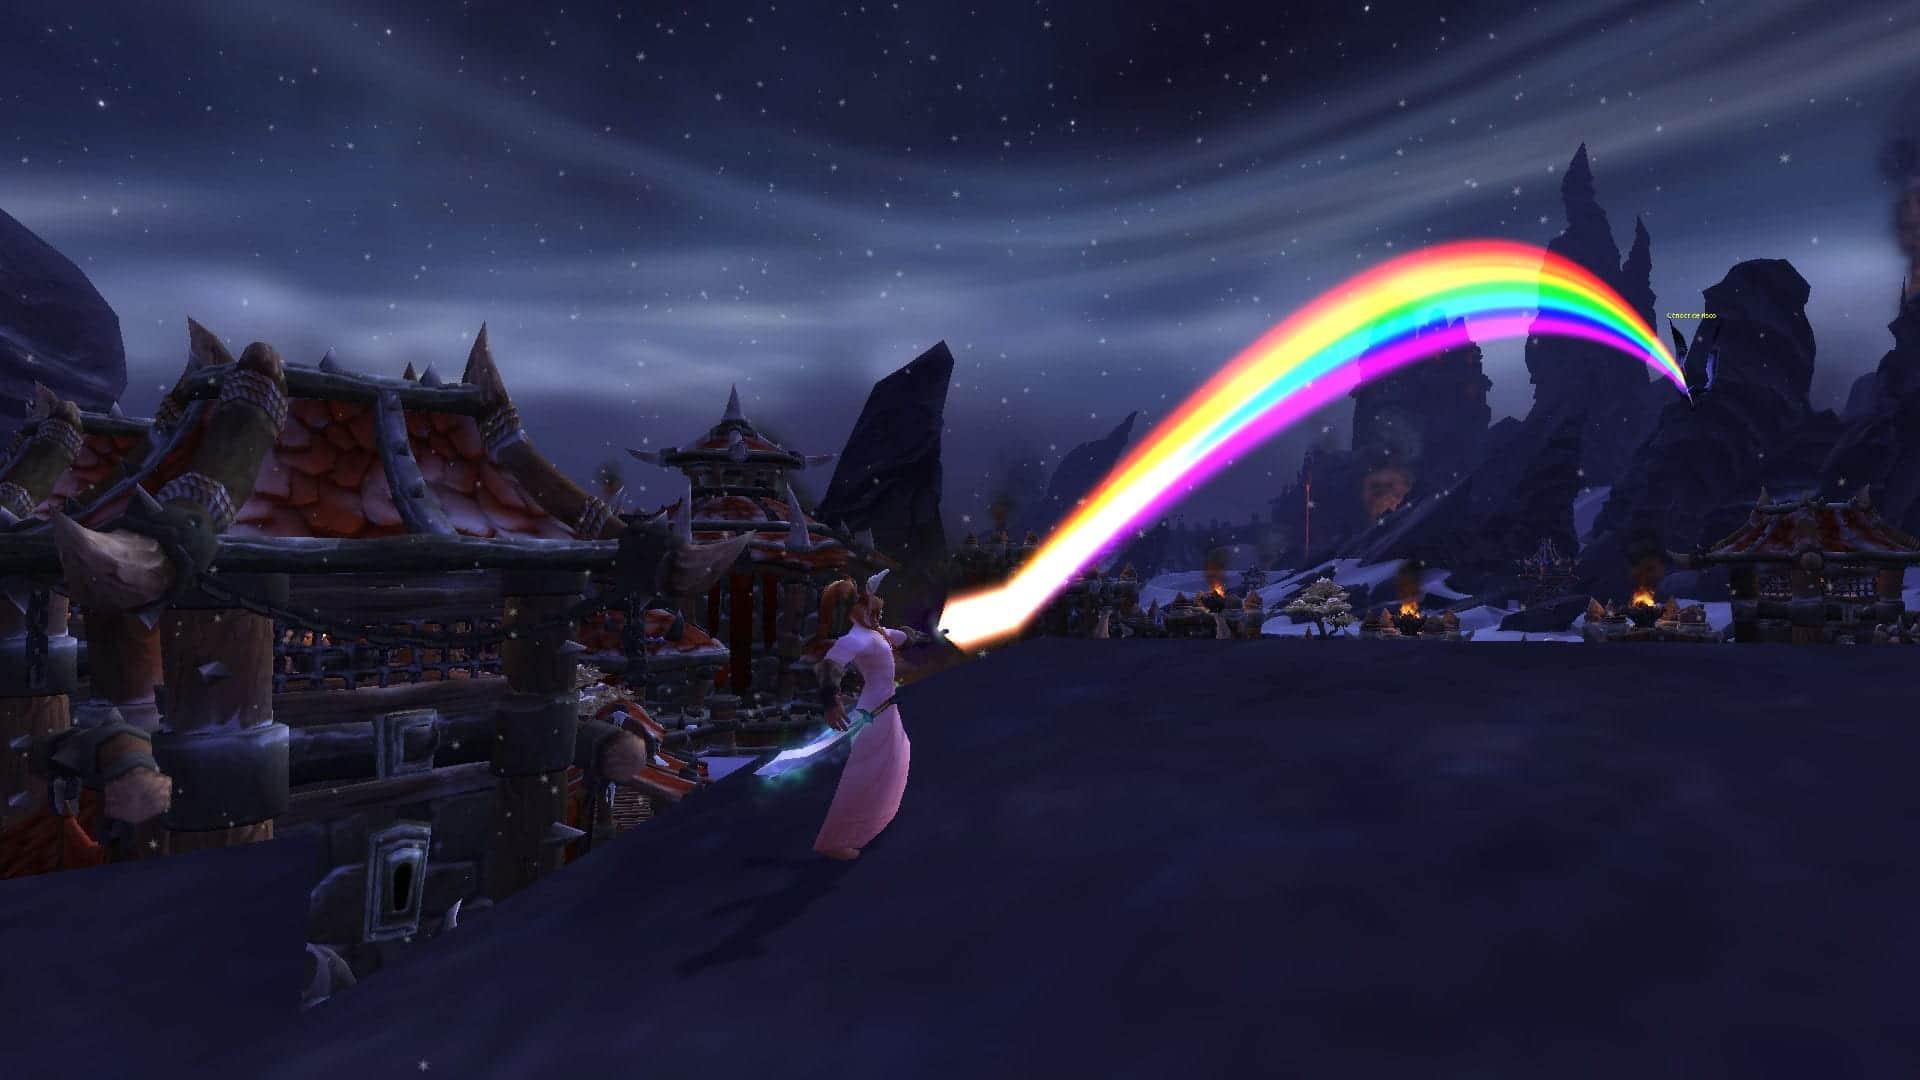 generador de arcoiris